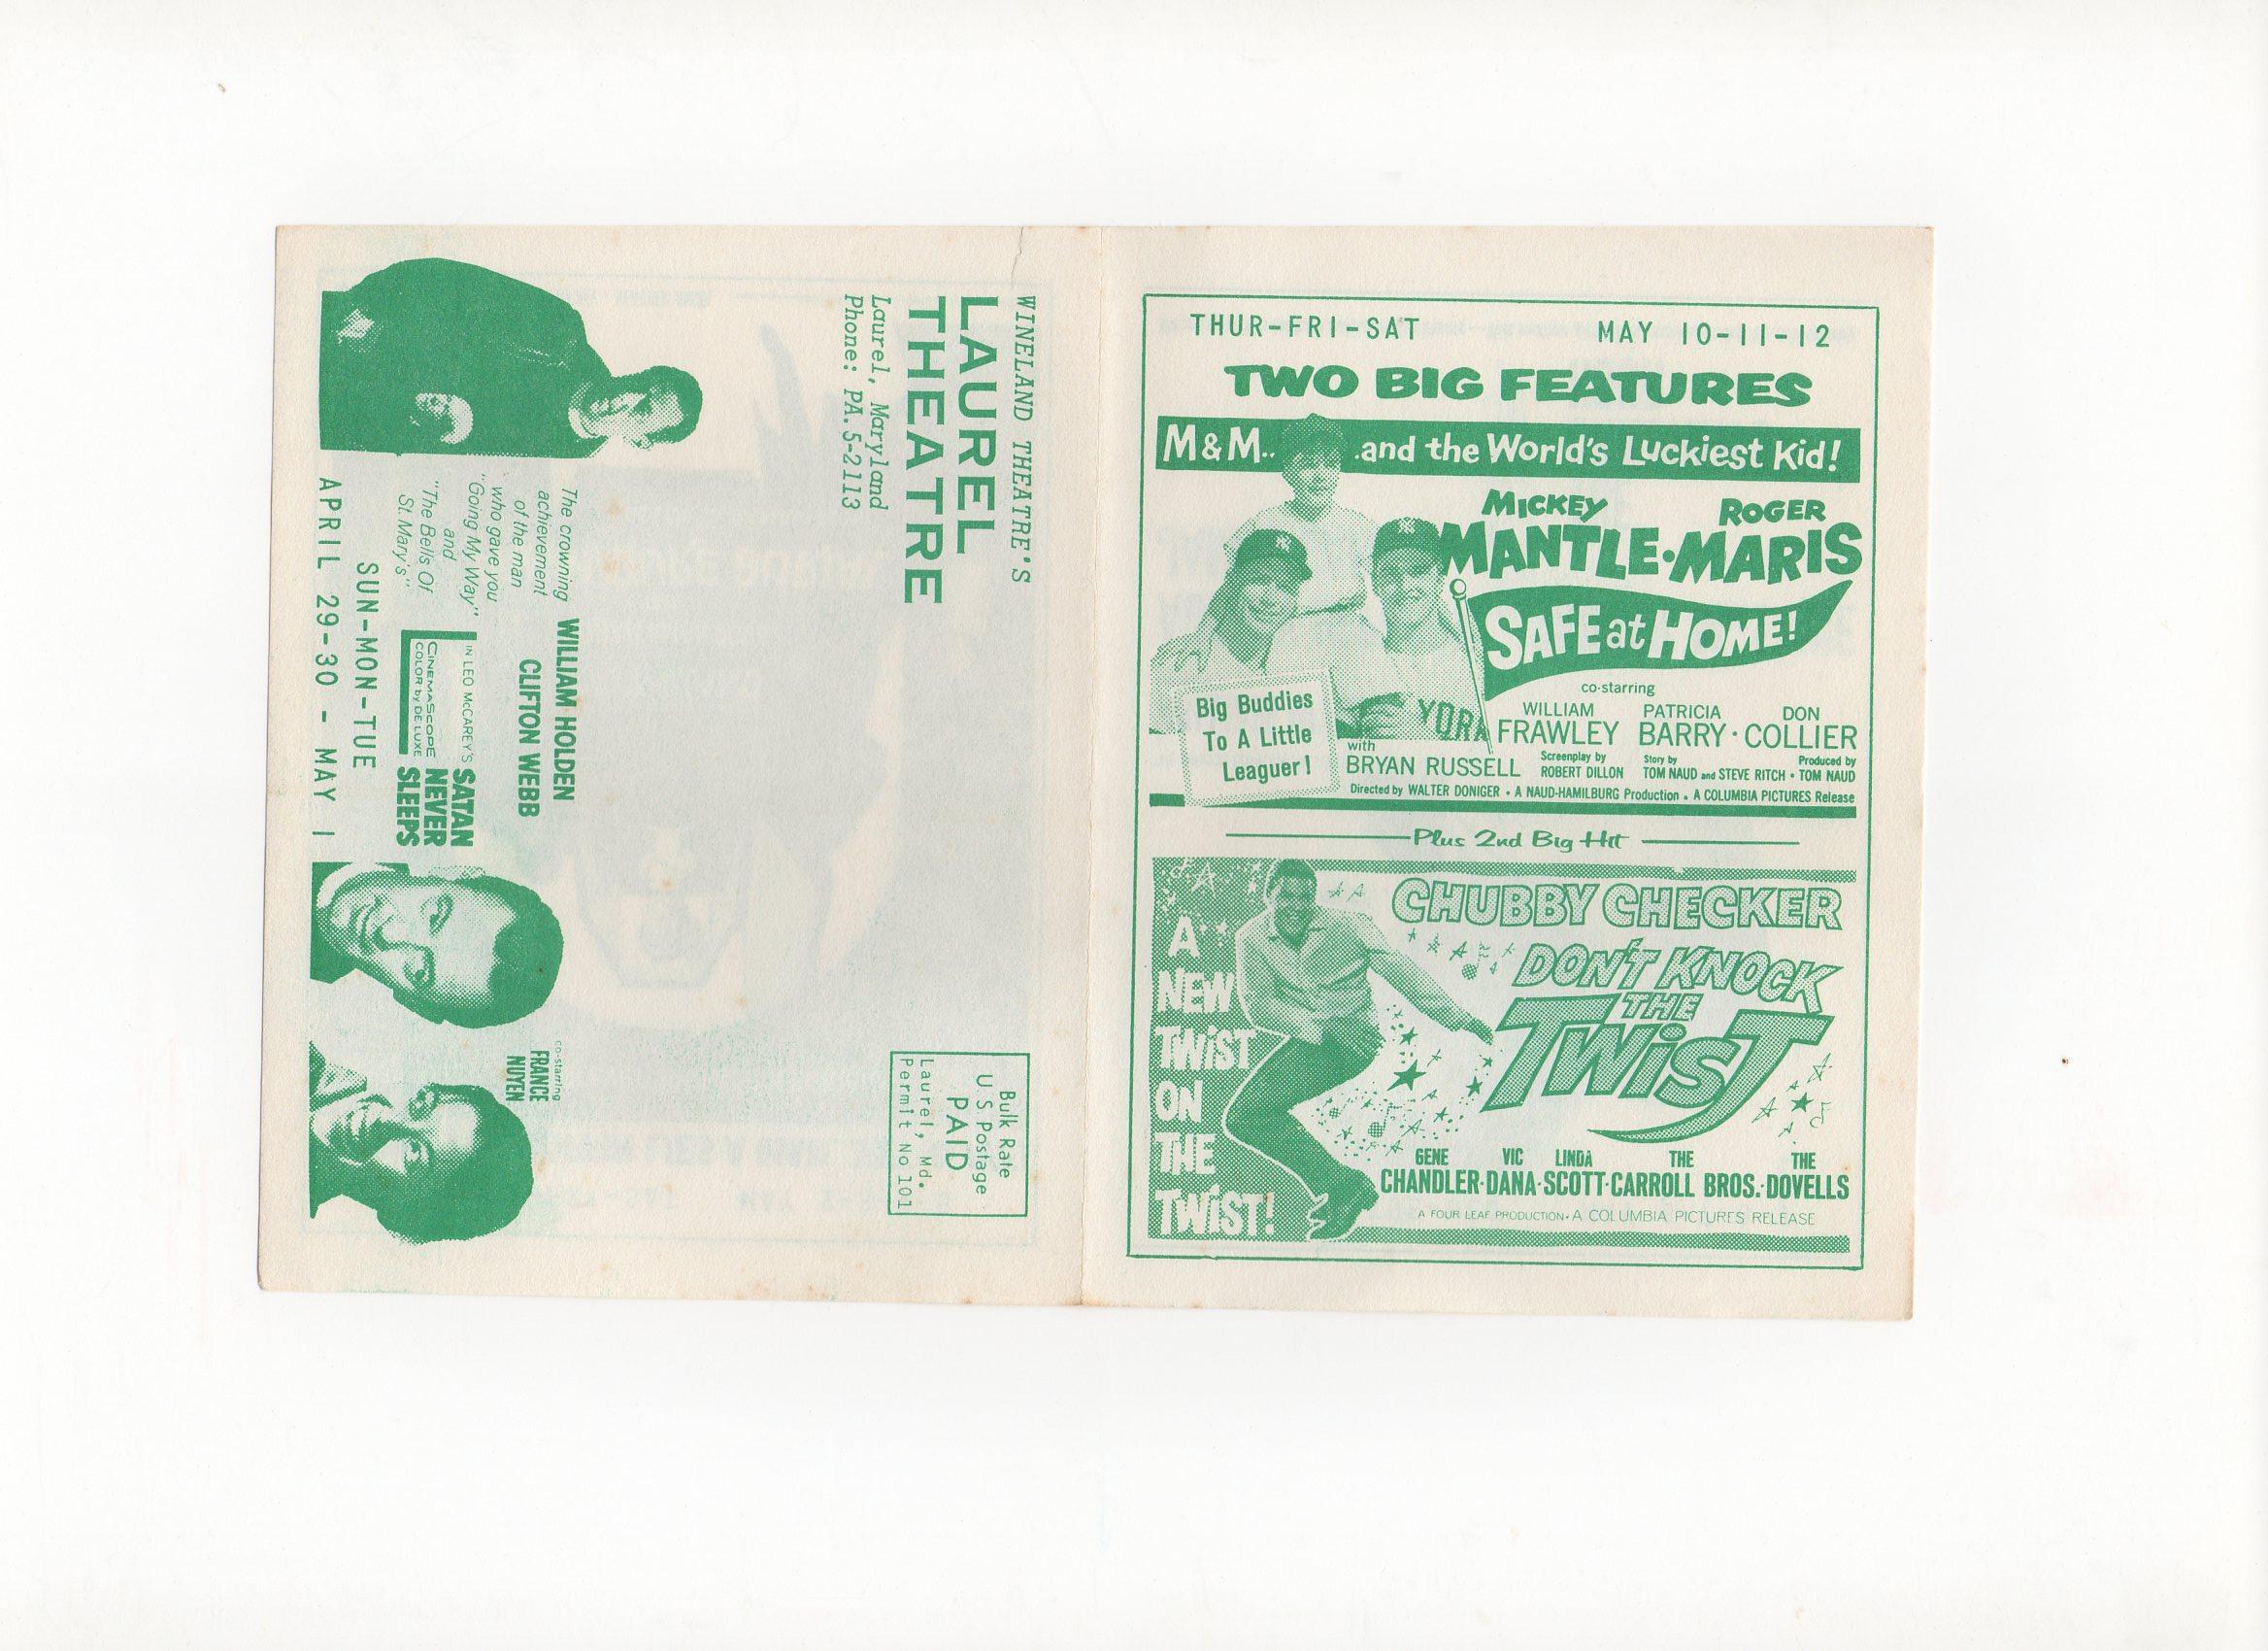 1962, laurel theatre, laurel, MD. 05/10-11/1962